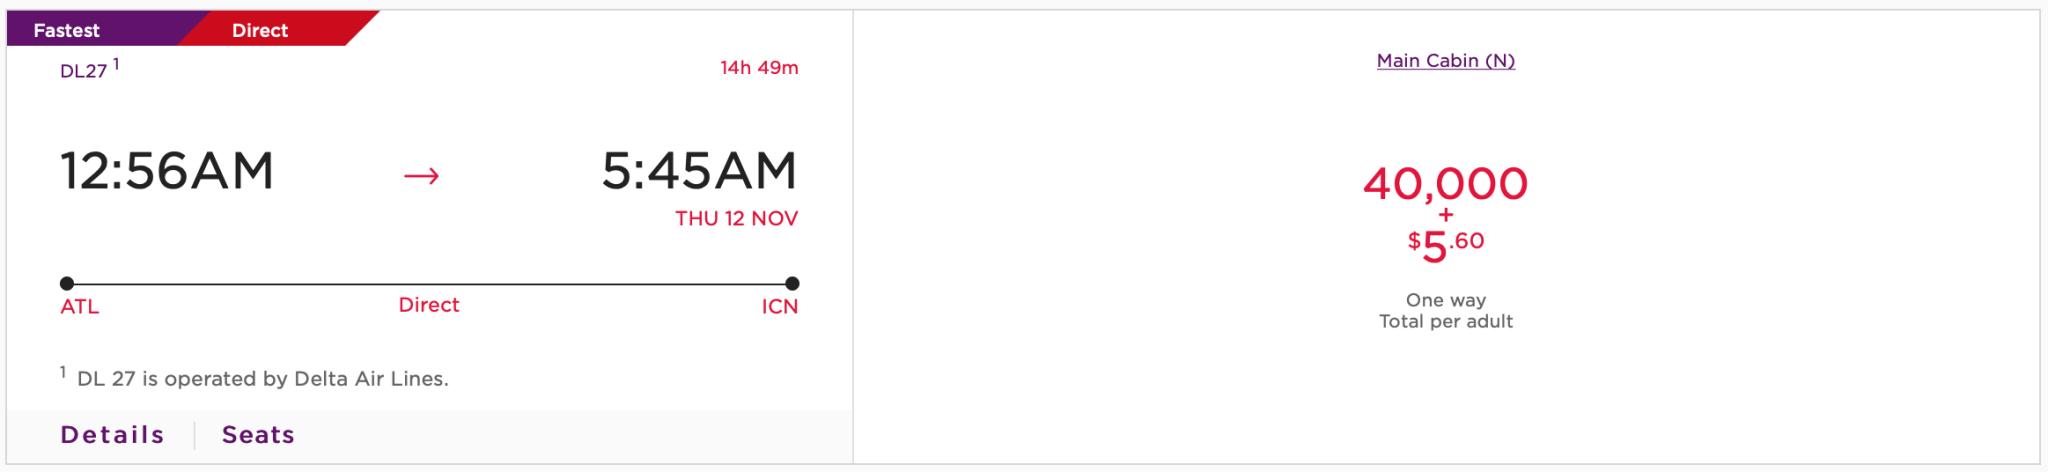 ATL ICN Virgin Atlantic Pricing for Delta Flight Screen Shot